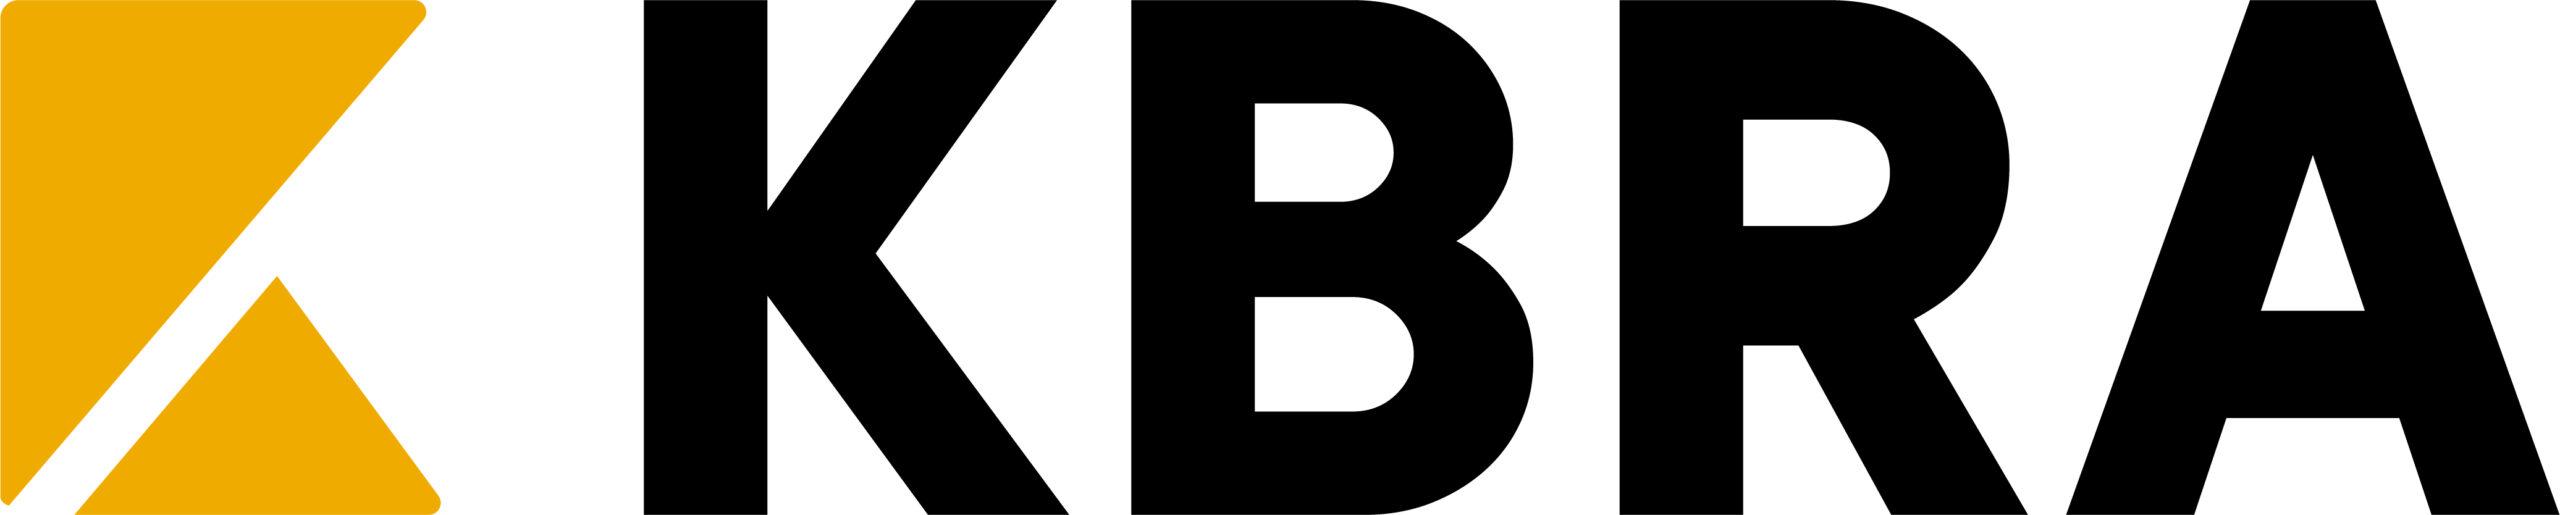 KBRA logo fullcolor RGB